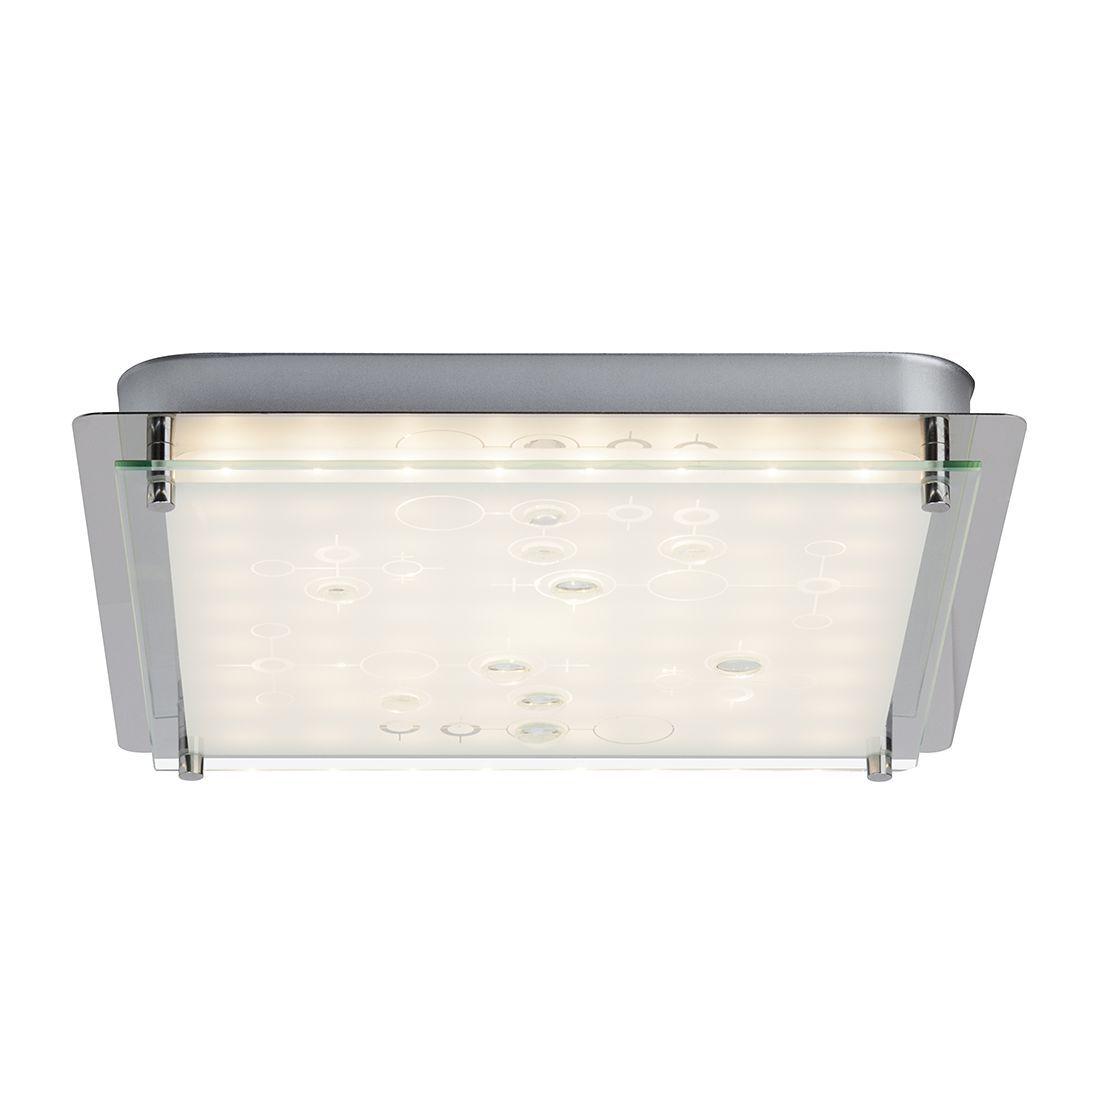 Led Deckenlampe Deckenlampe Modern Stoff Led Lampe E27 Warmweiss 320lm Mit Bewegungsmelder Essz Badezimmerleuchten Deckenleuchten Badezimmer Deckenleuchte